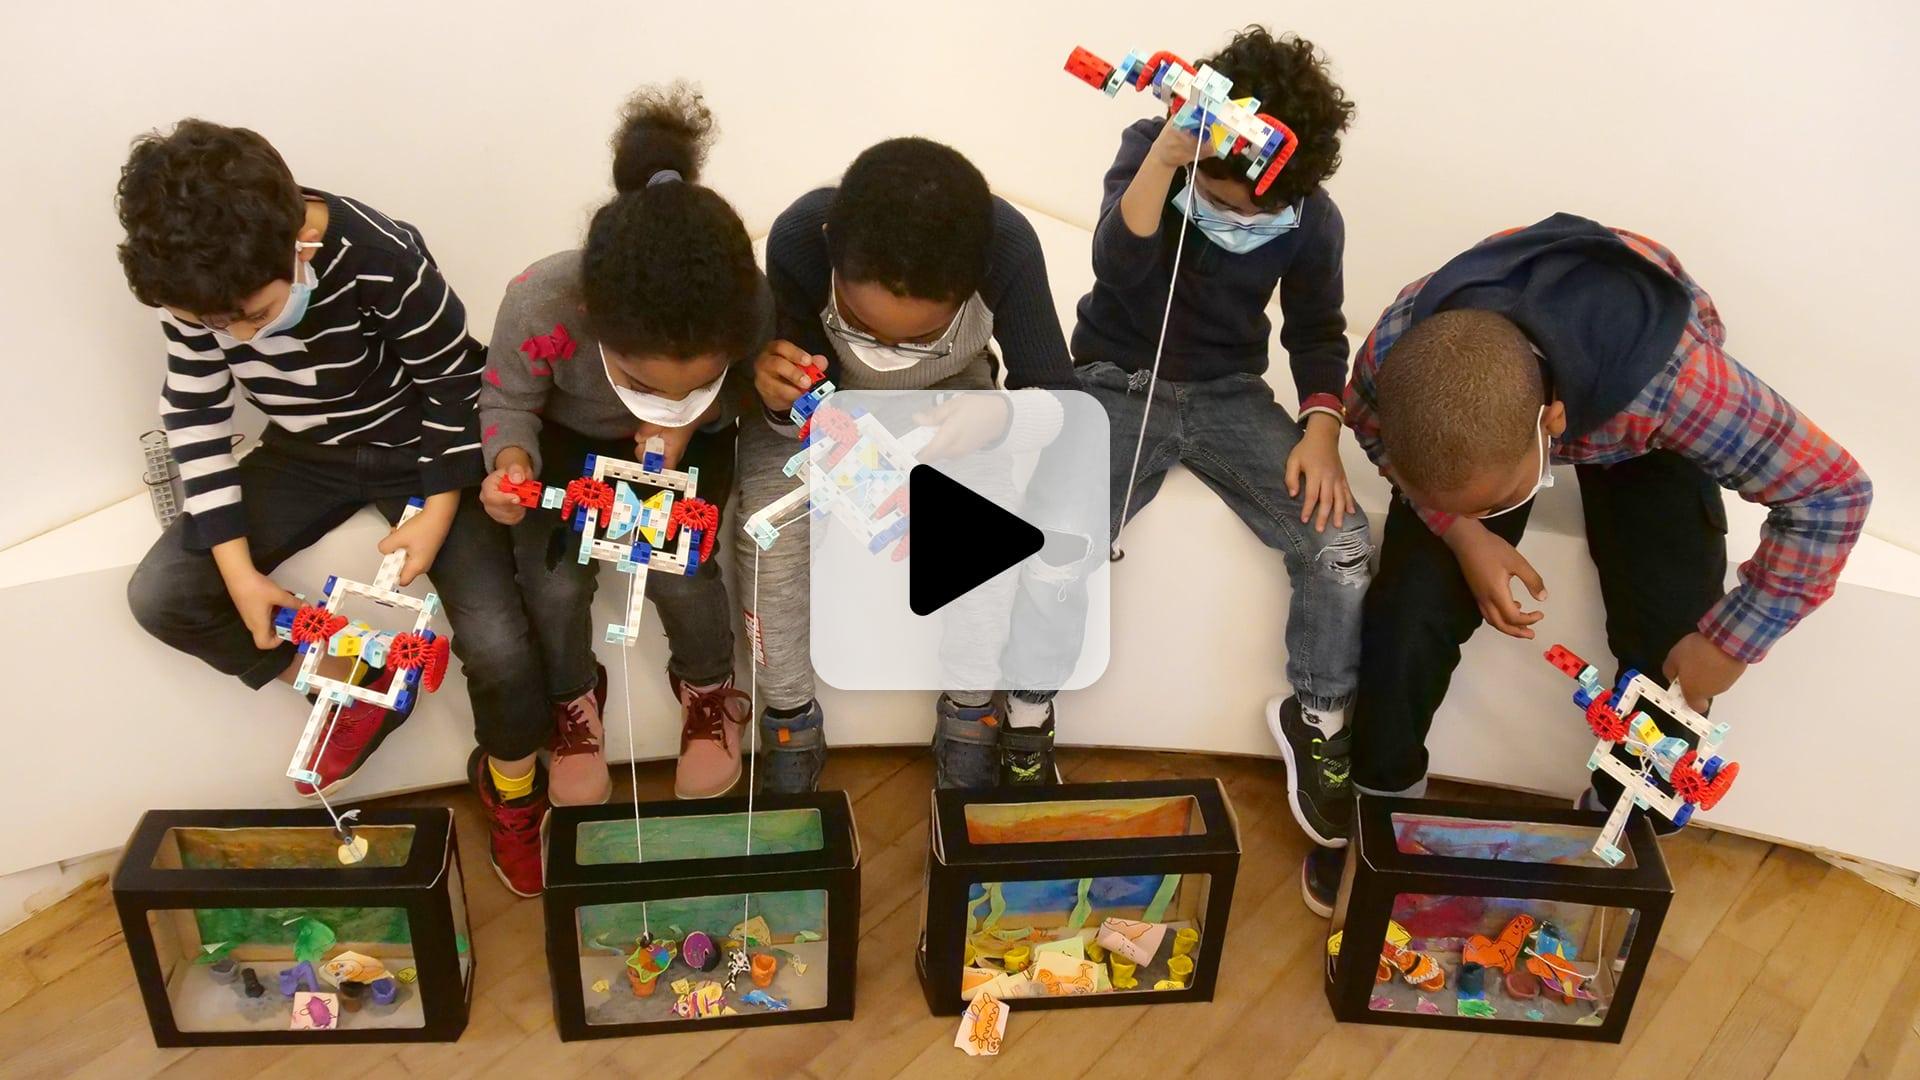 vidéo du test du stage vacances enfant l'Aquarium Magique dans l'école pilote du Vieux-Lille